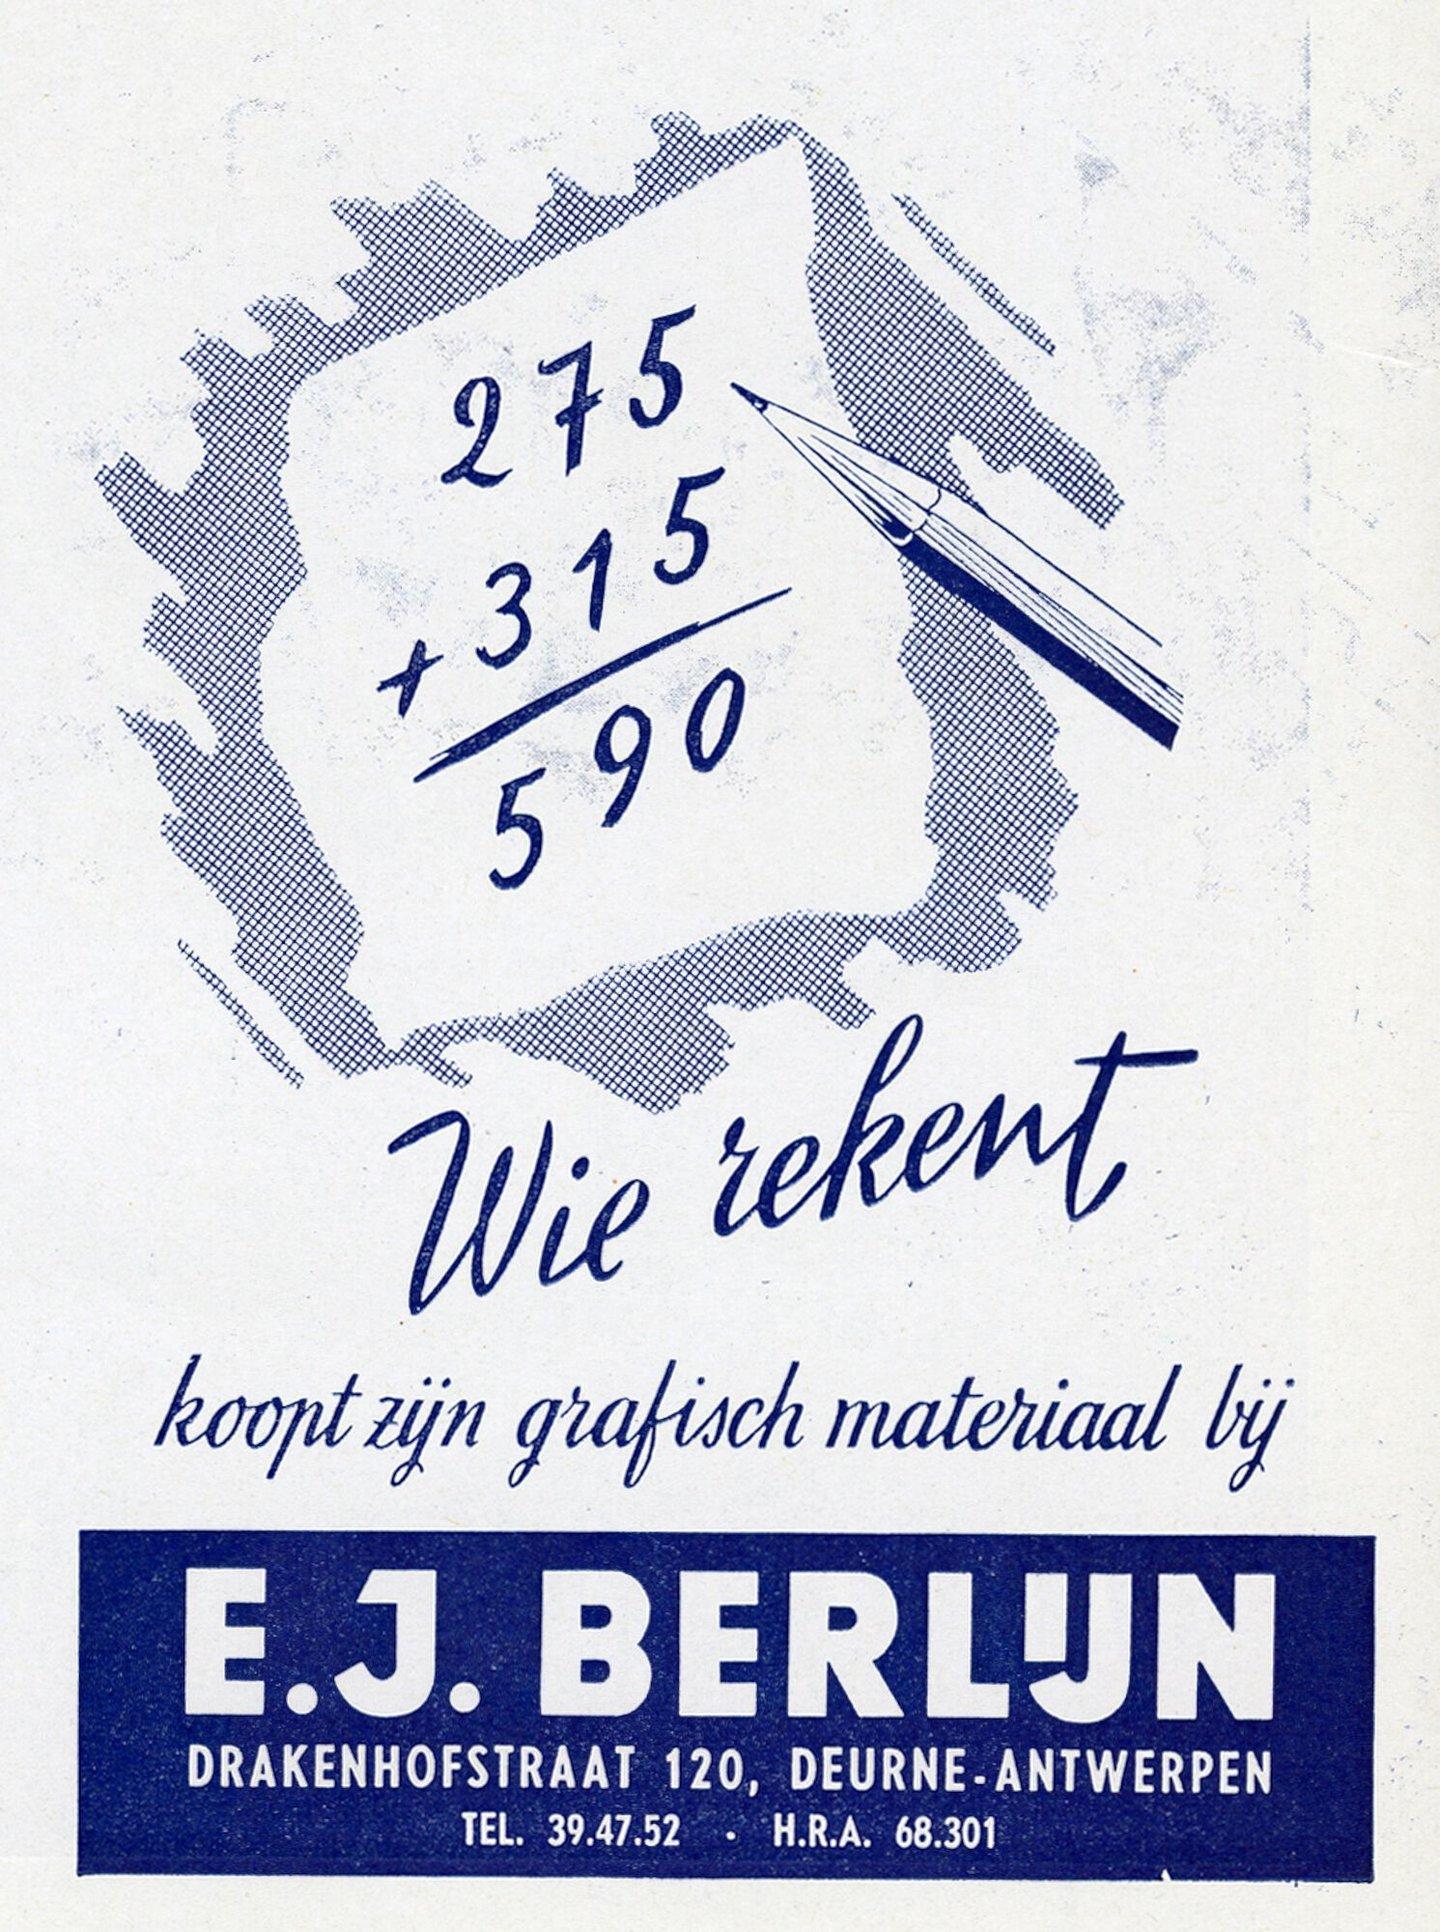 Reclame voor grafisch materiaal verdeeld door Berlijn